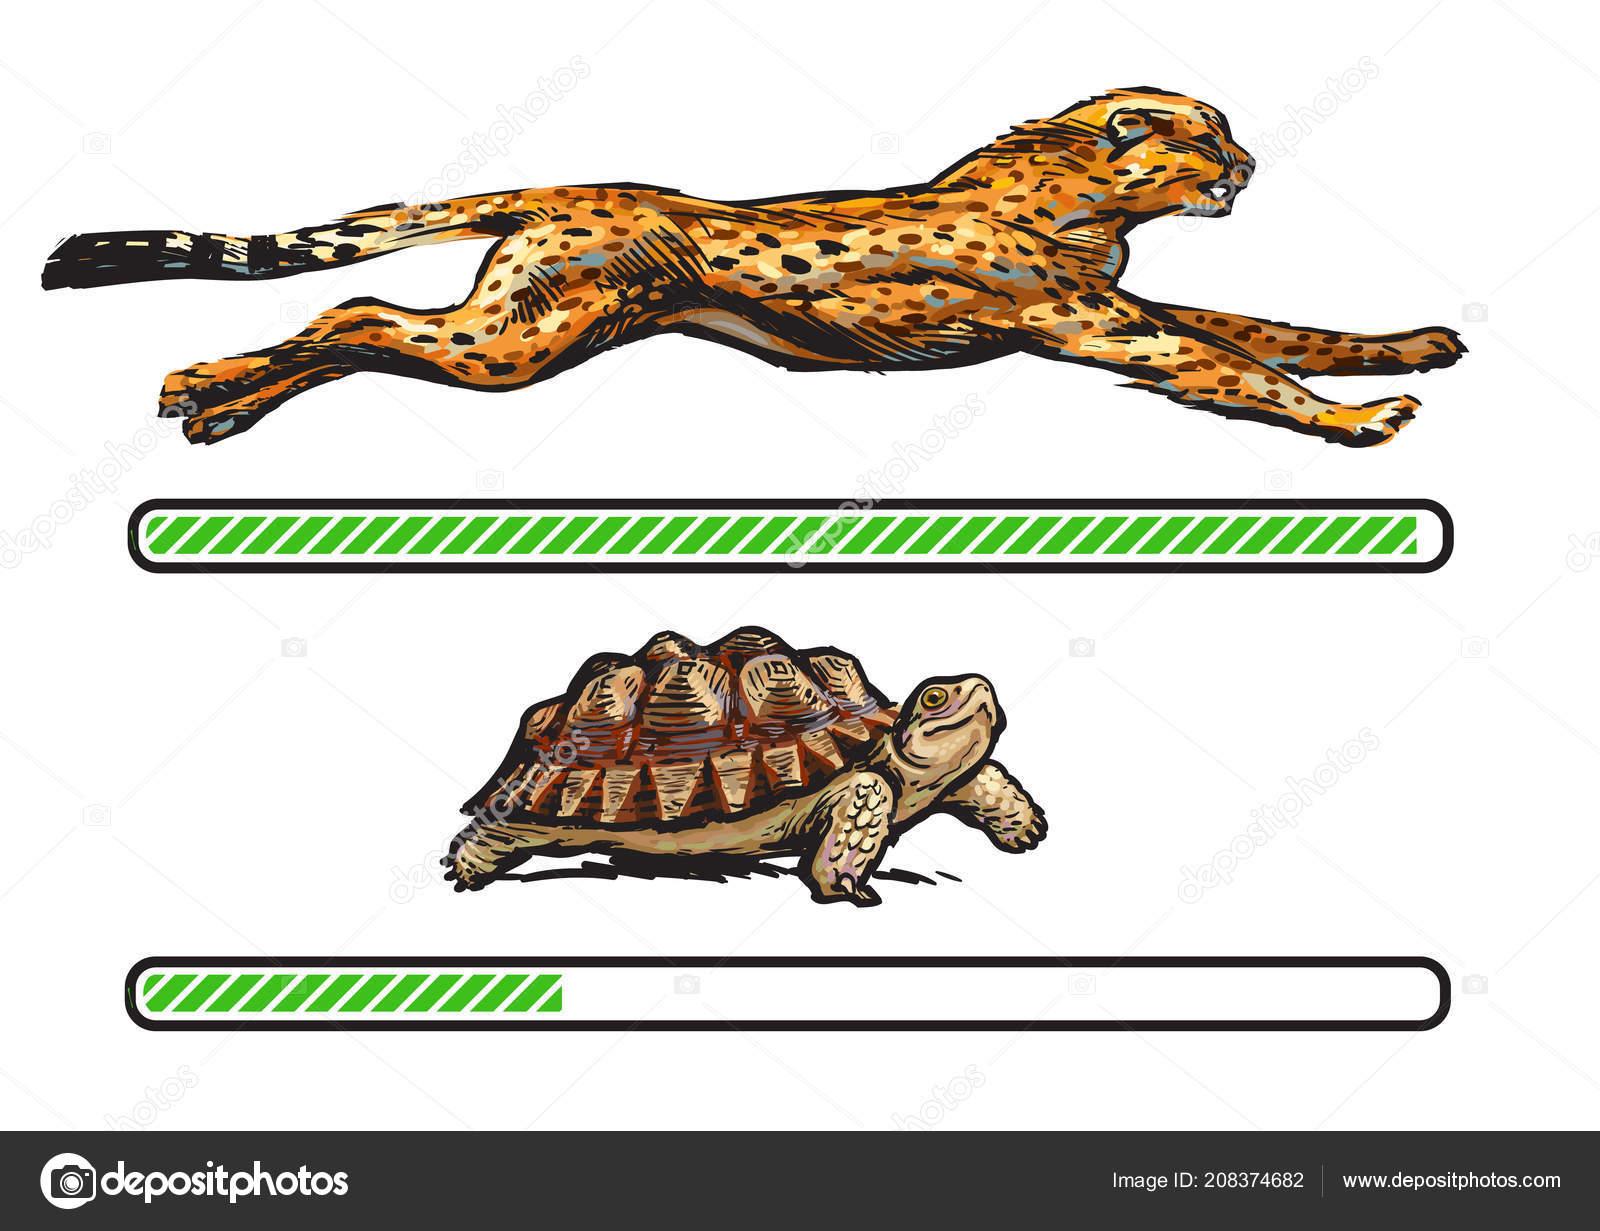 ajuta leopard gecko sa slabeasca